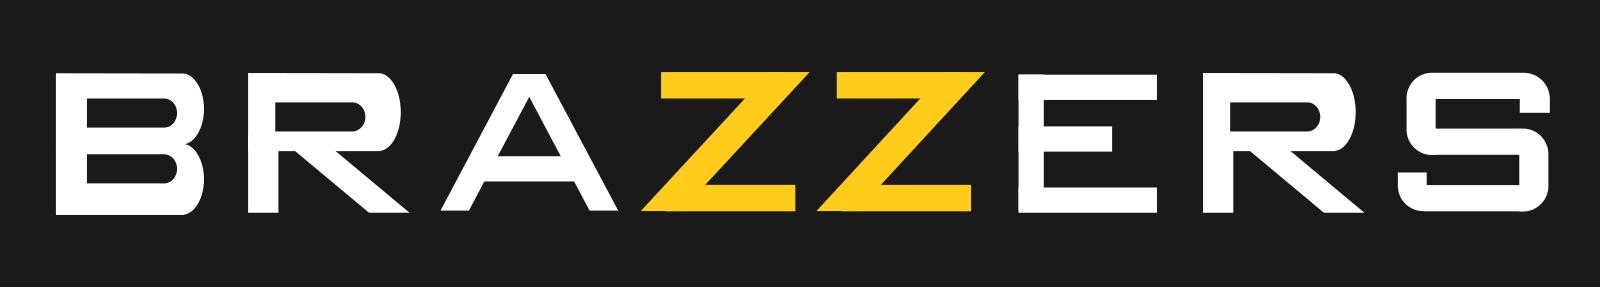 brazzers logo 4 - Brazzers Logo